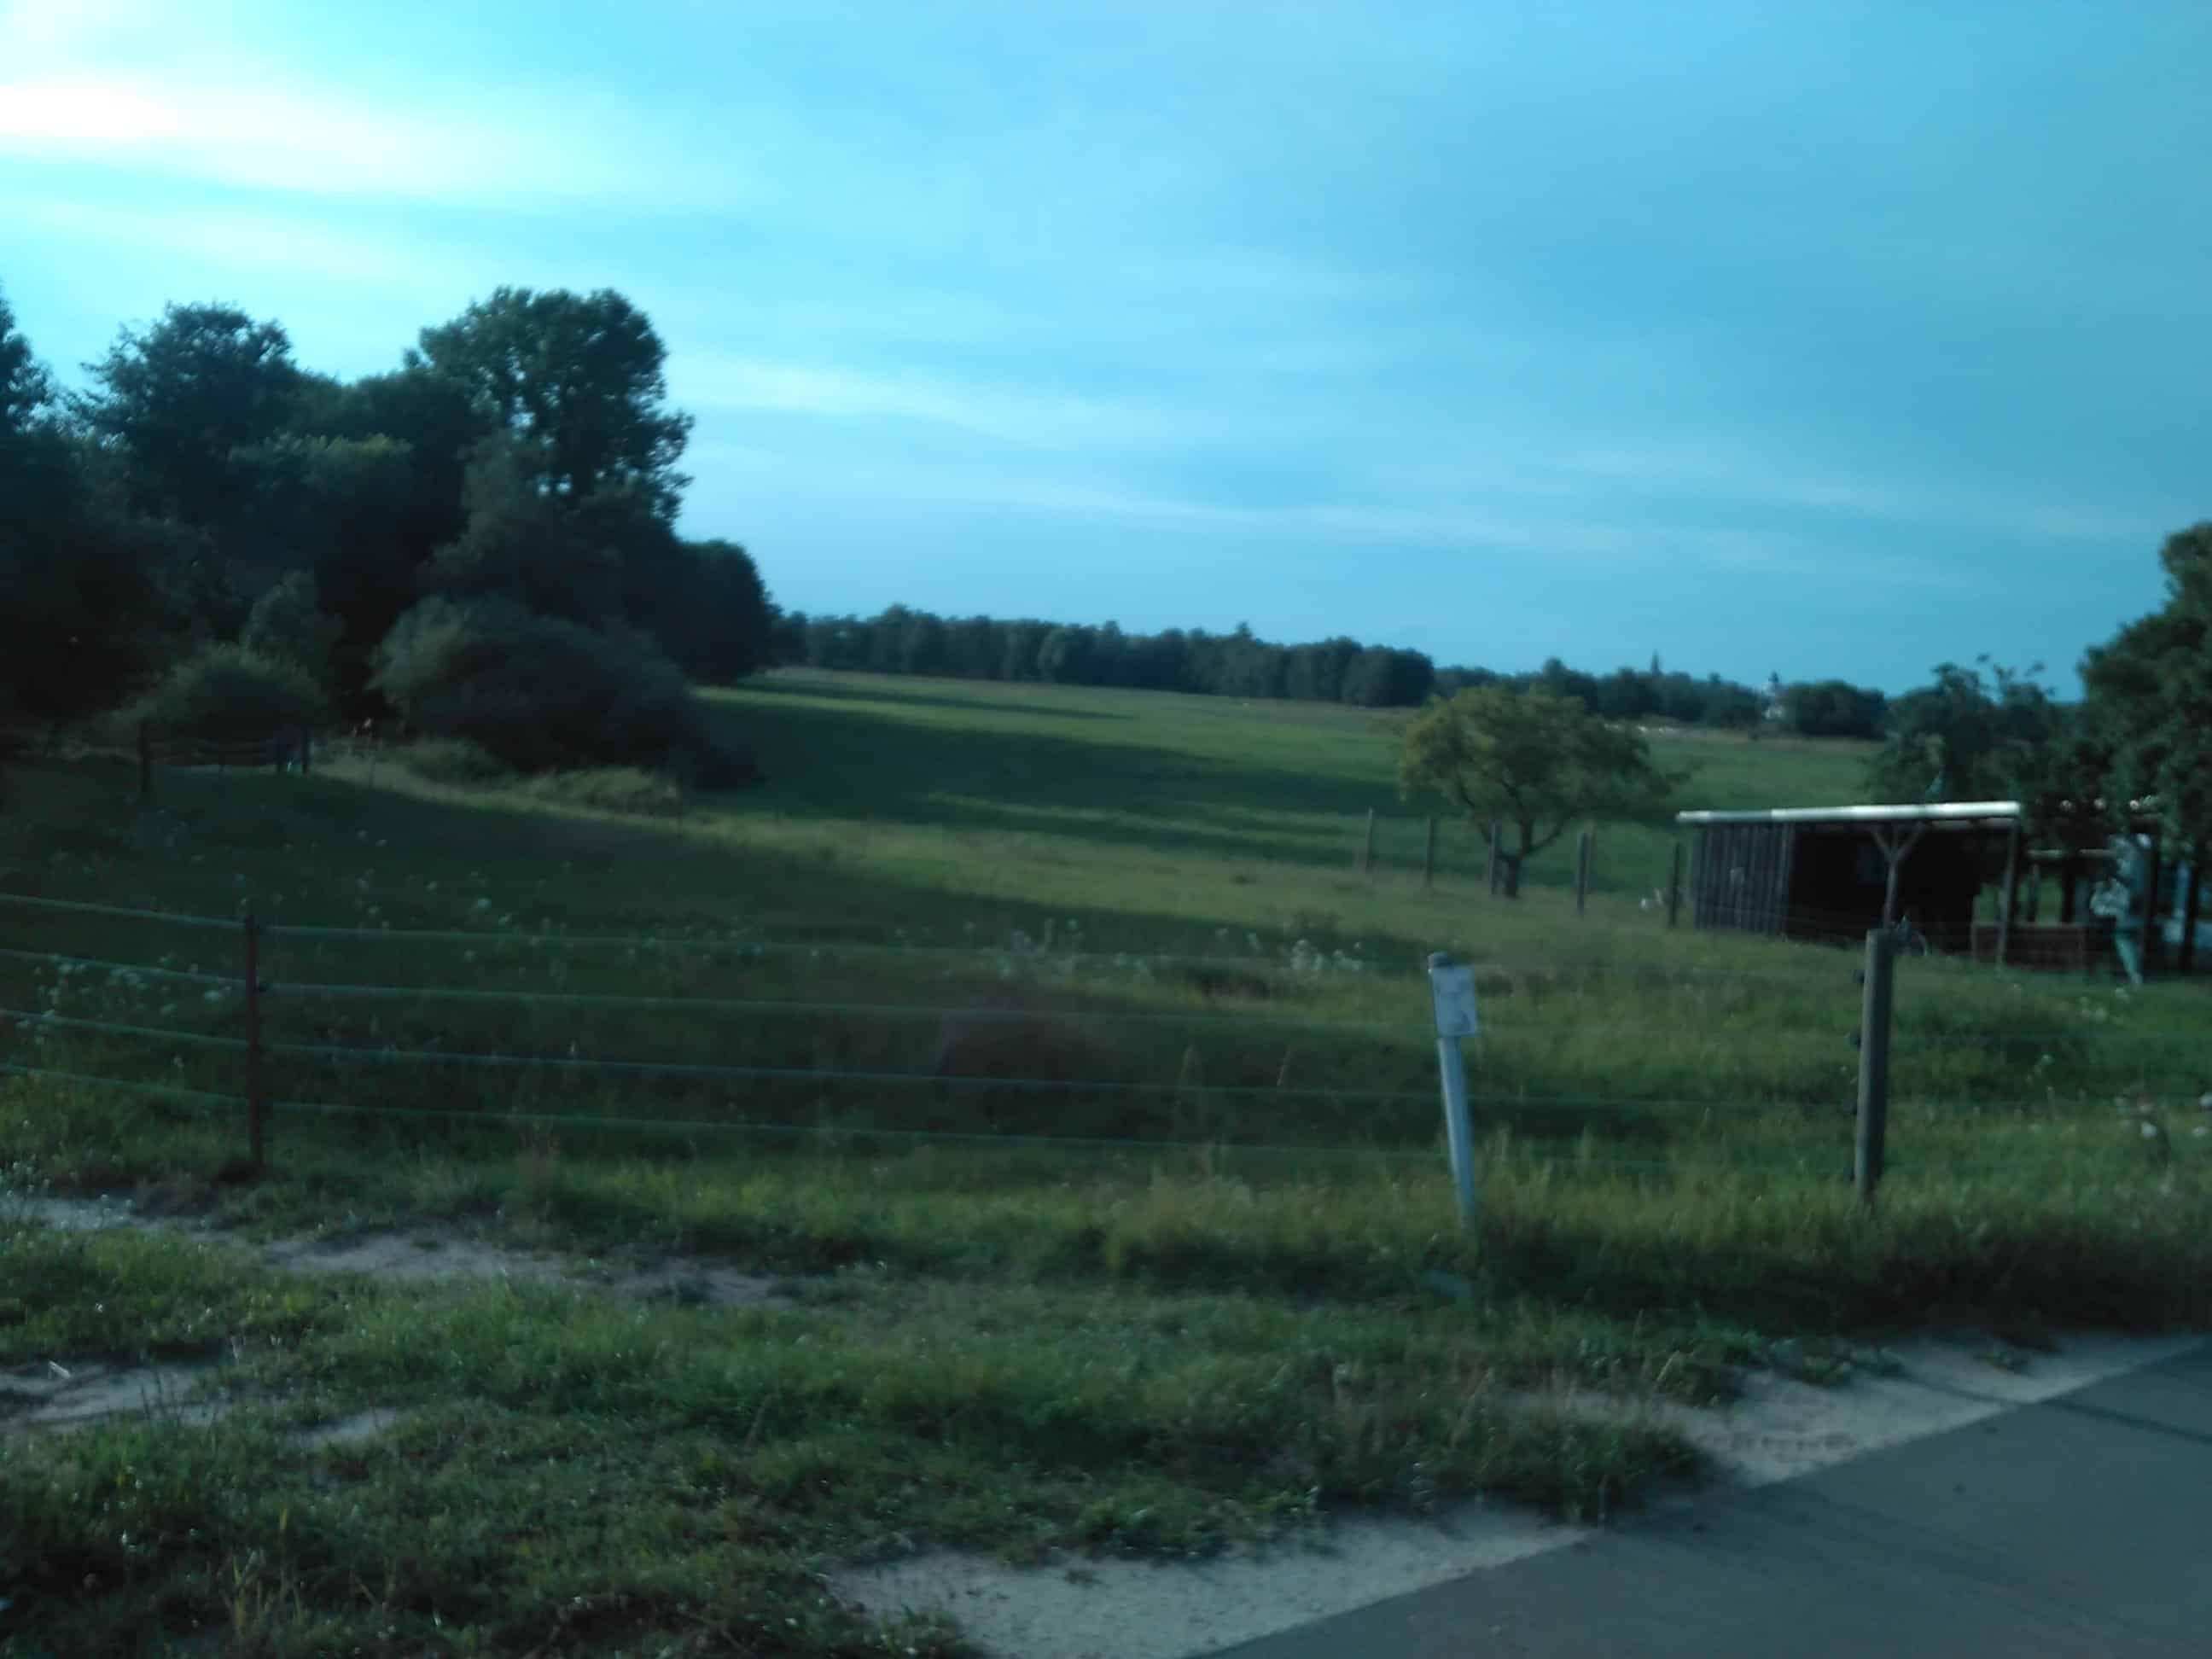 Landwirtschaftl. Grünfläche, die bei Realisierung der maximalen Ausbauvariante mit einer Straßenbrücke überbaut werden würde